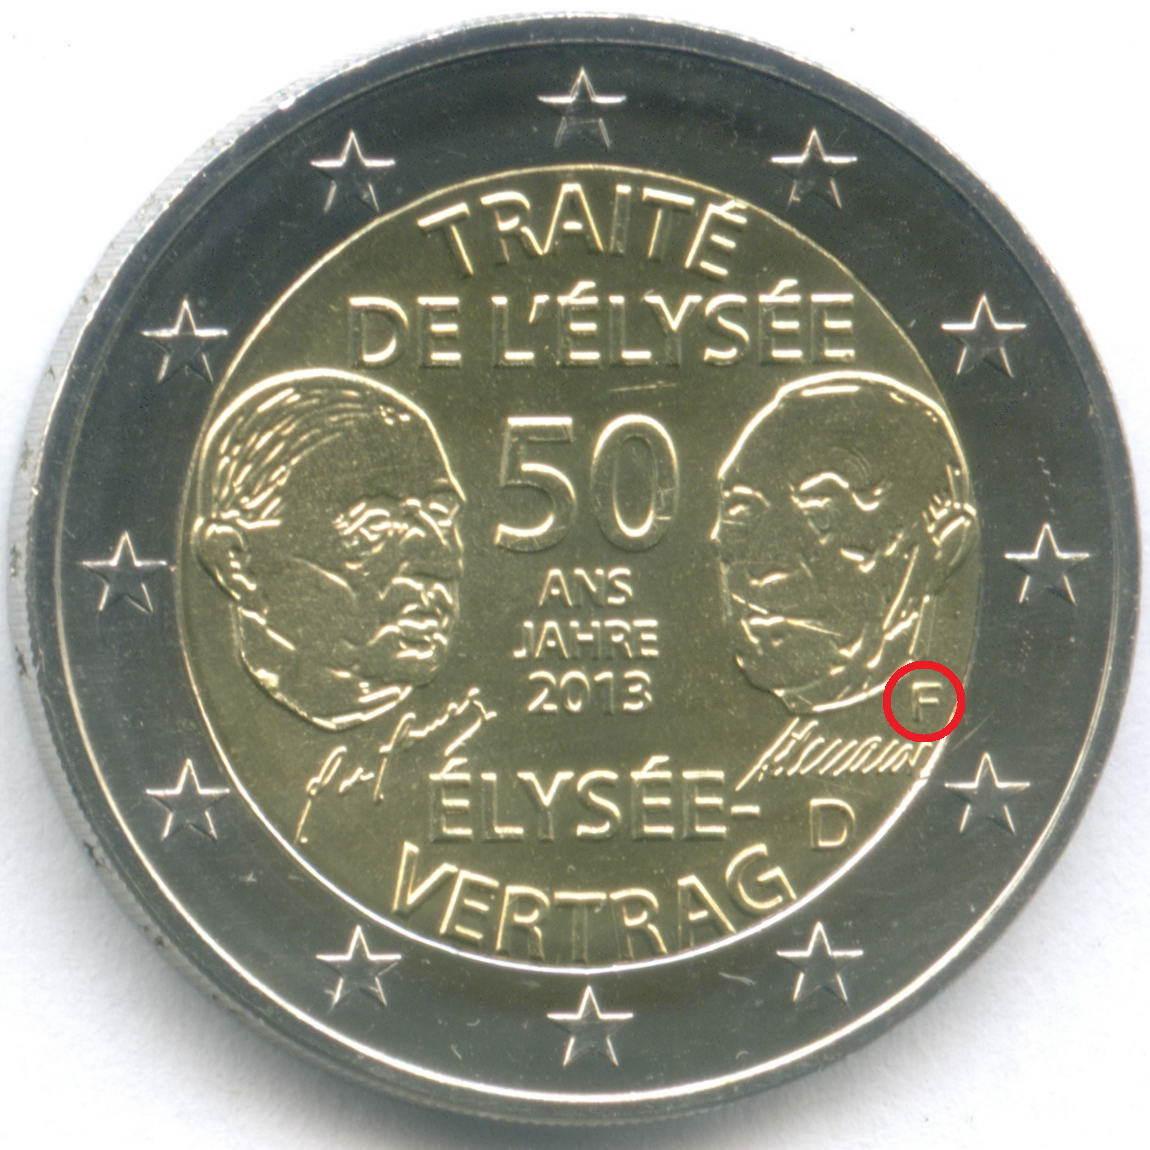 2 евро 2013 год (F). Германия. 50 лет подписания Елисейского договора. Биметалл UNC